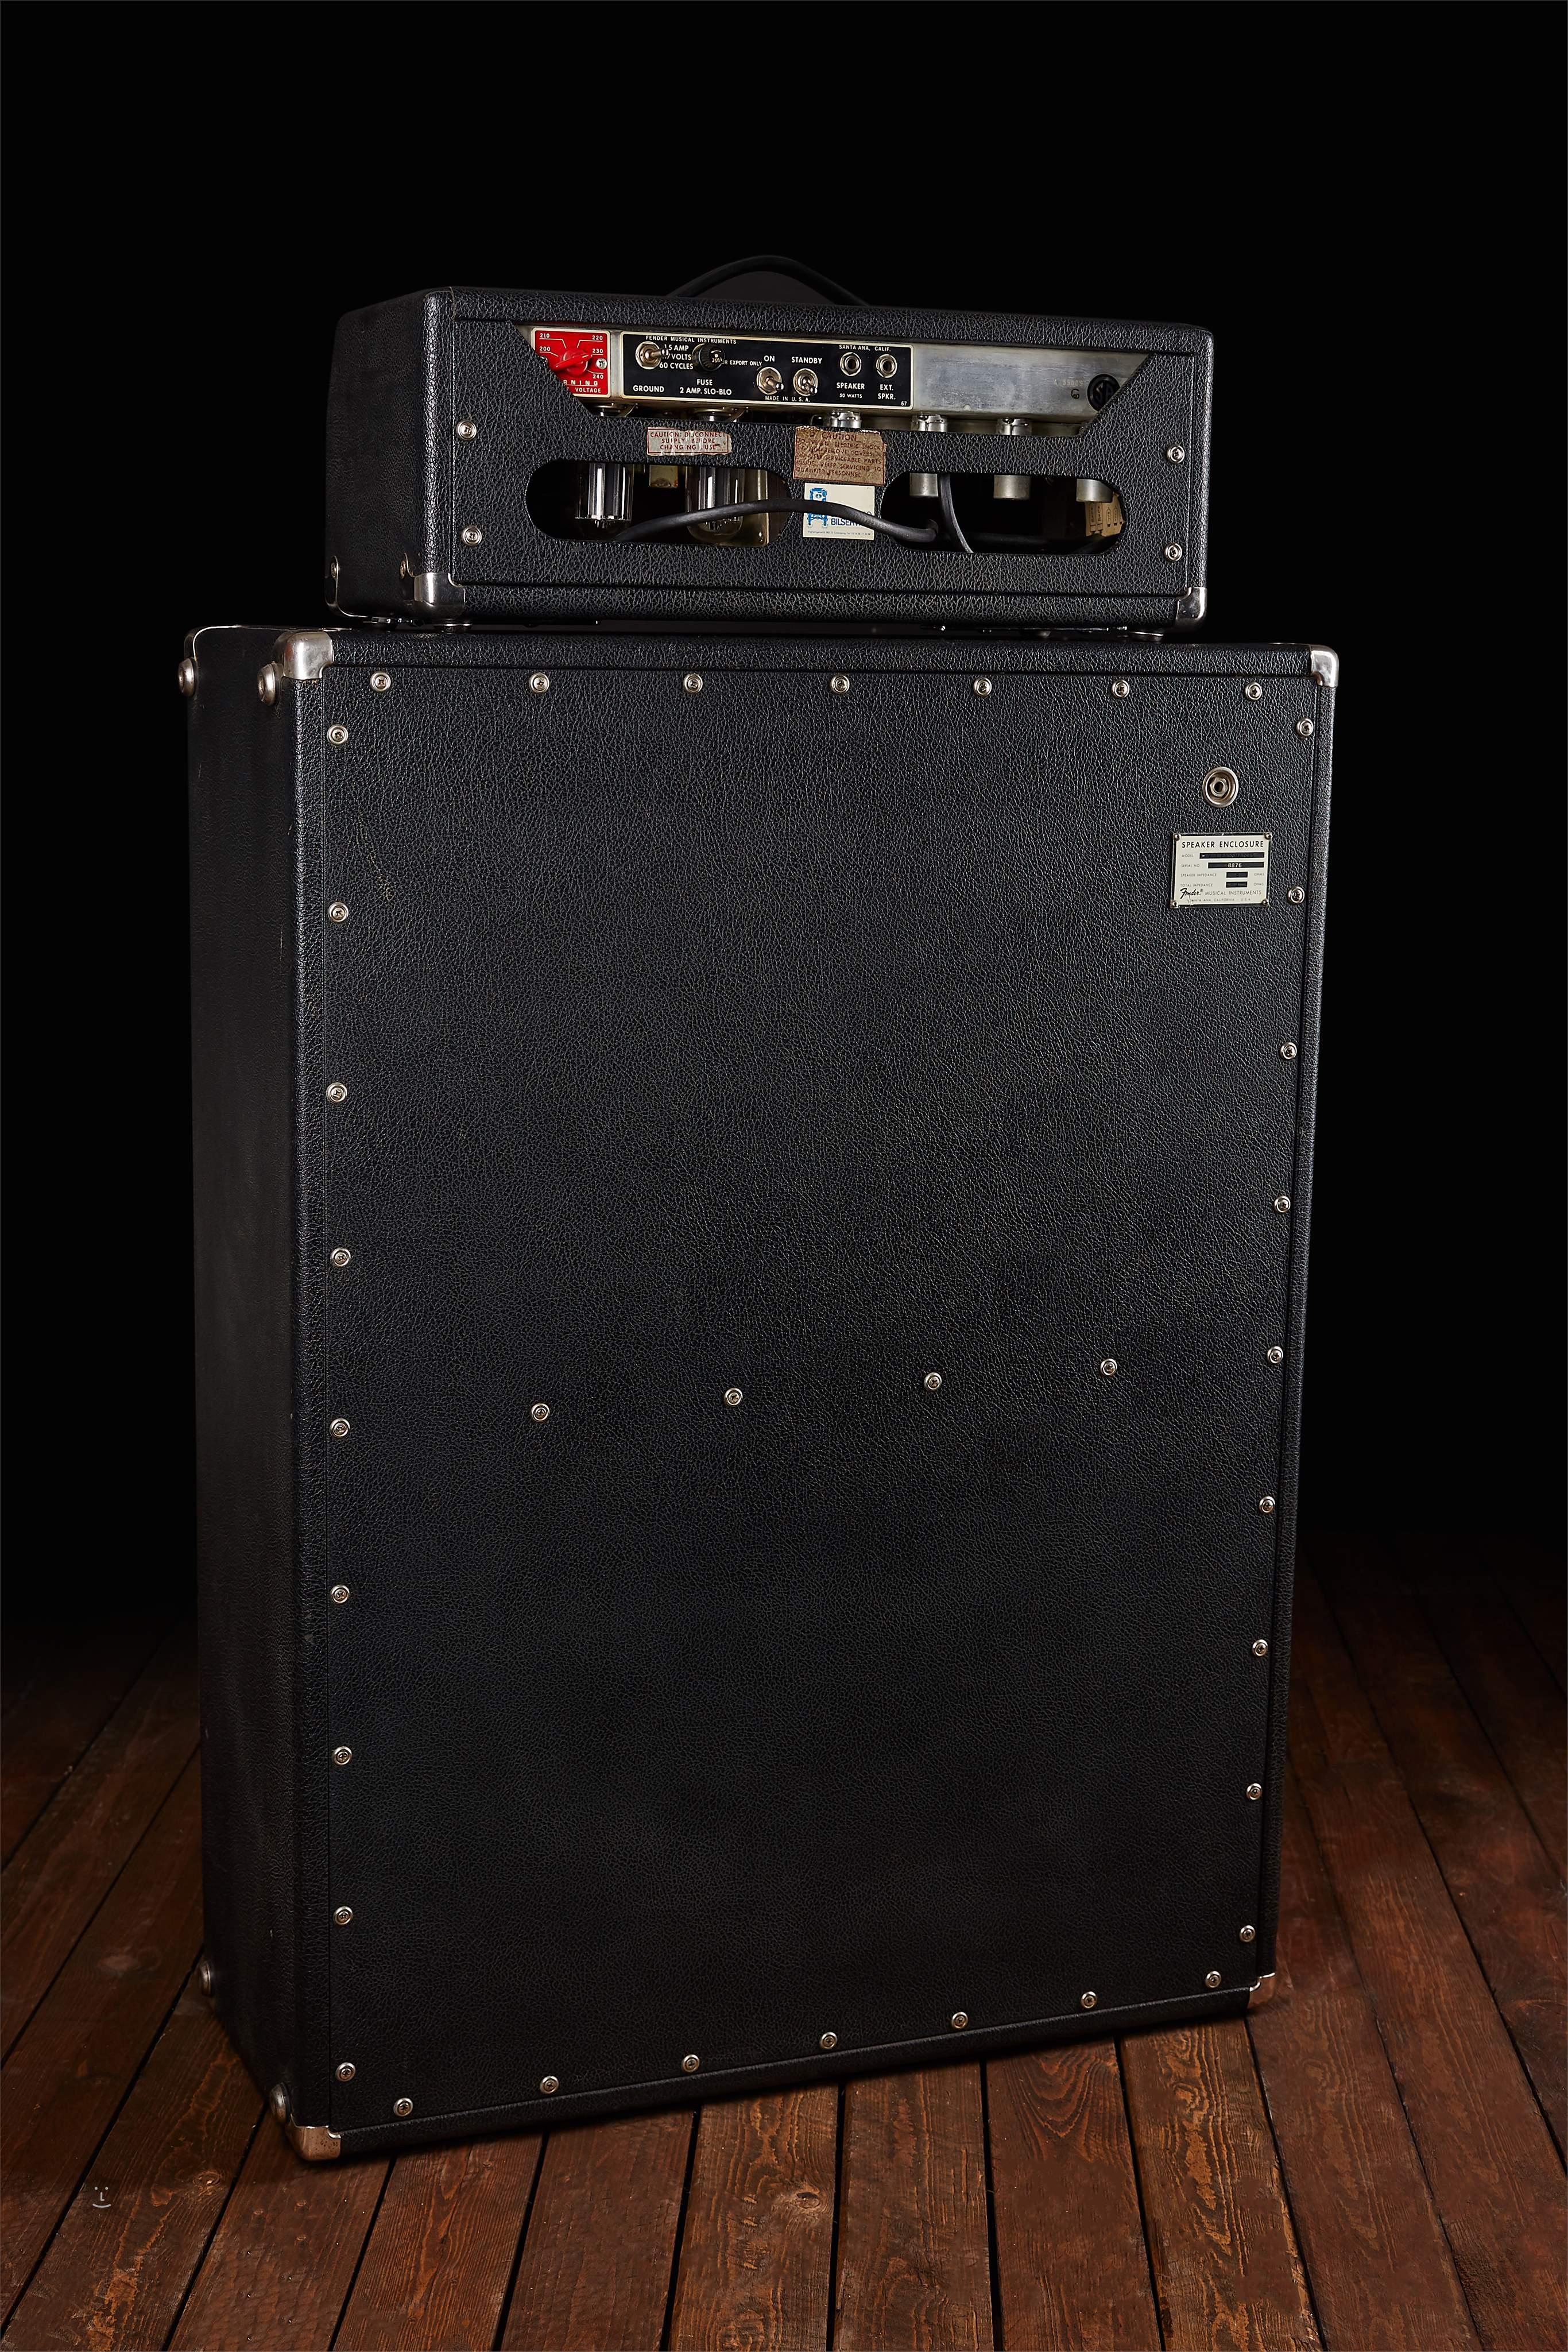 FENDER 1969 Bassman Export Amp + 2x15